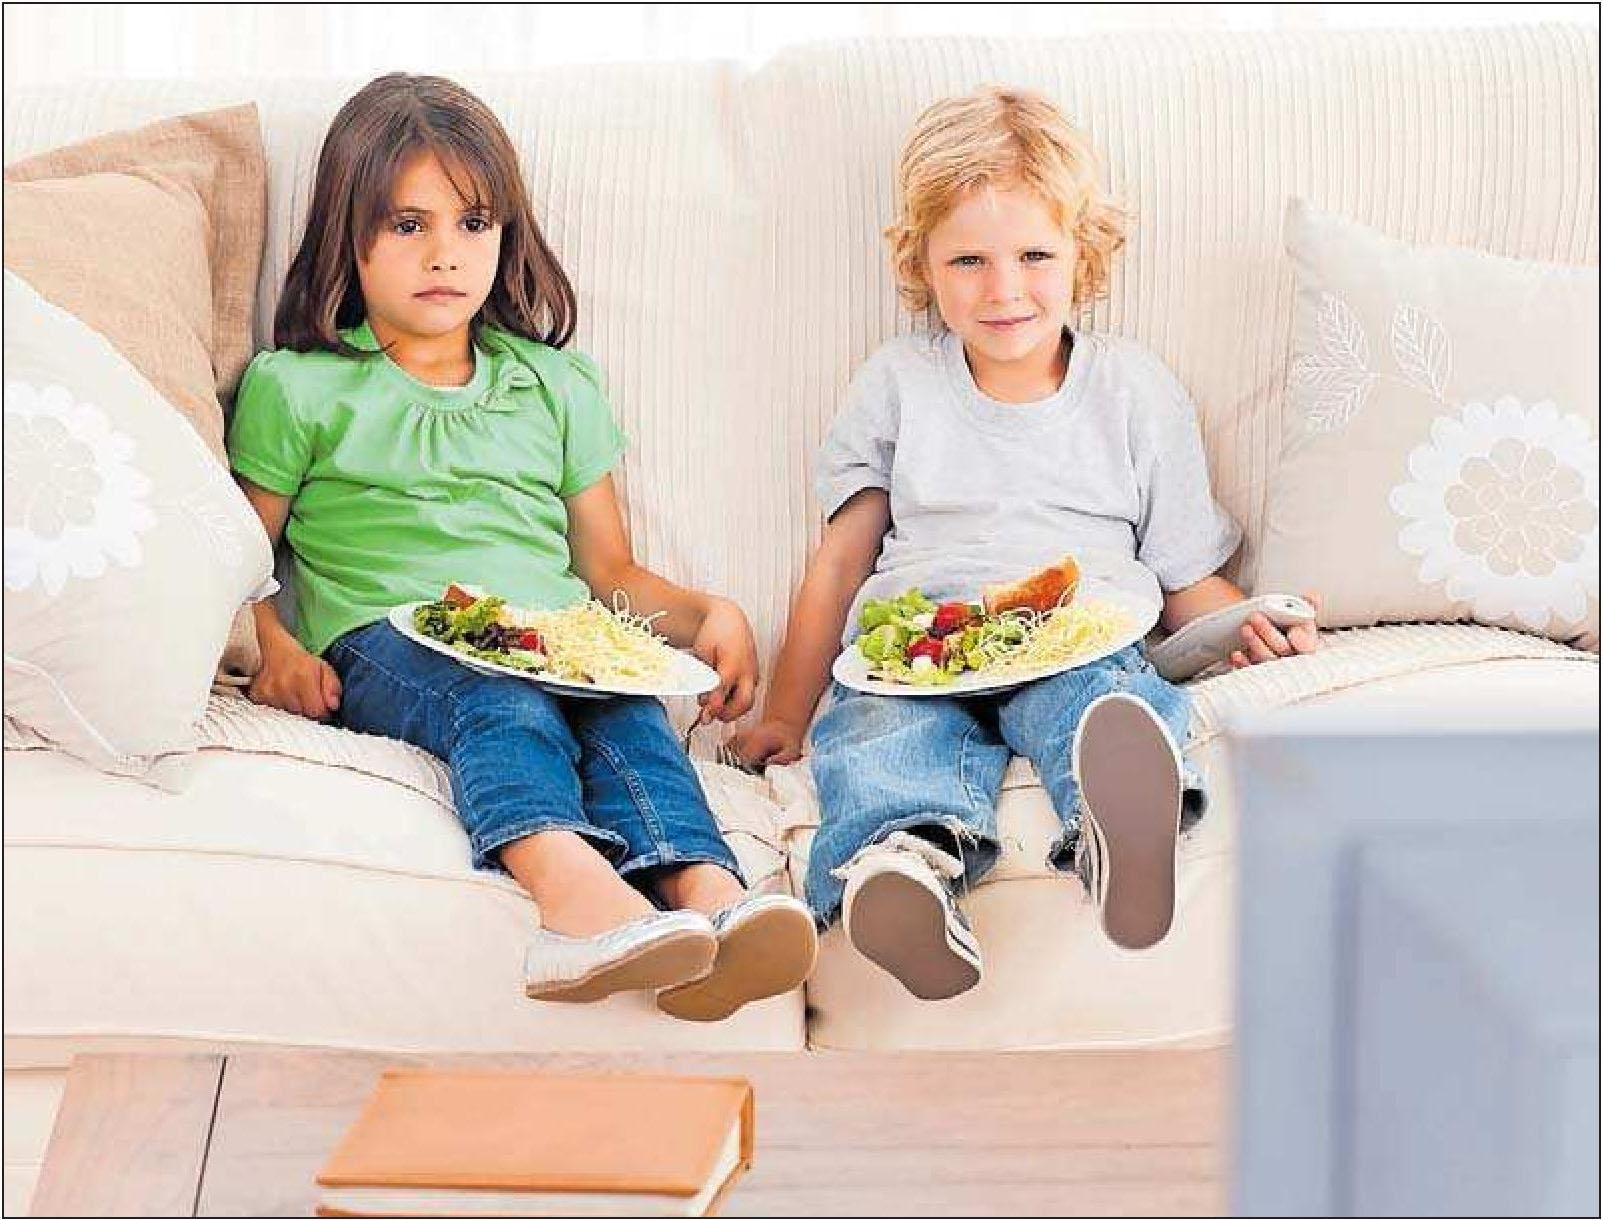 Lieber gar nicht erst angewöhnen: Essen vorm Fernseher. FOTO:WAVEVREAKMEDIAMICRO/STOCK.ADOBE.COM